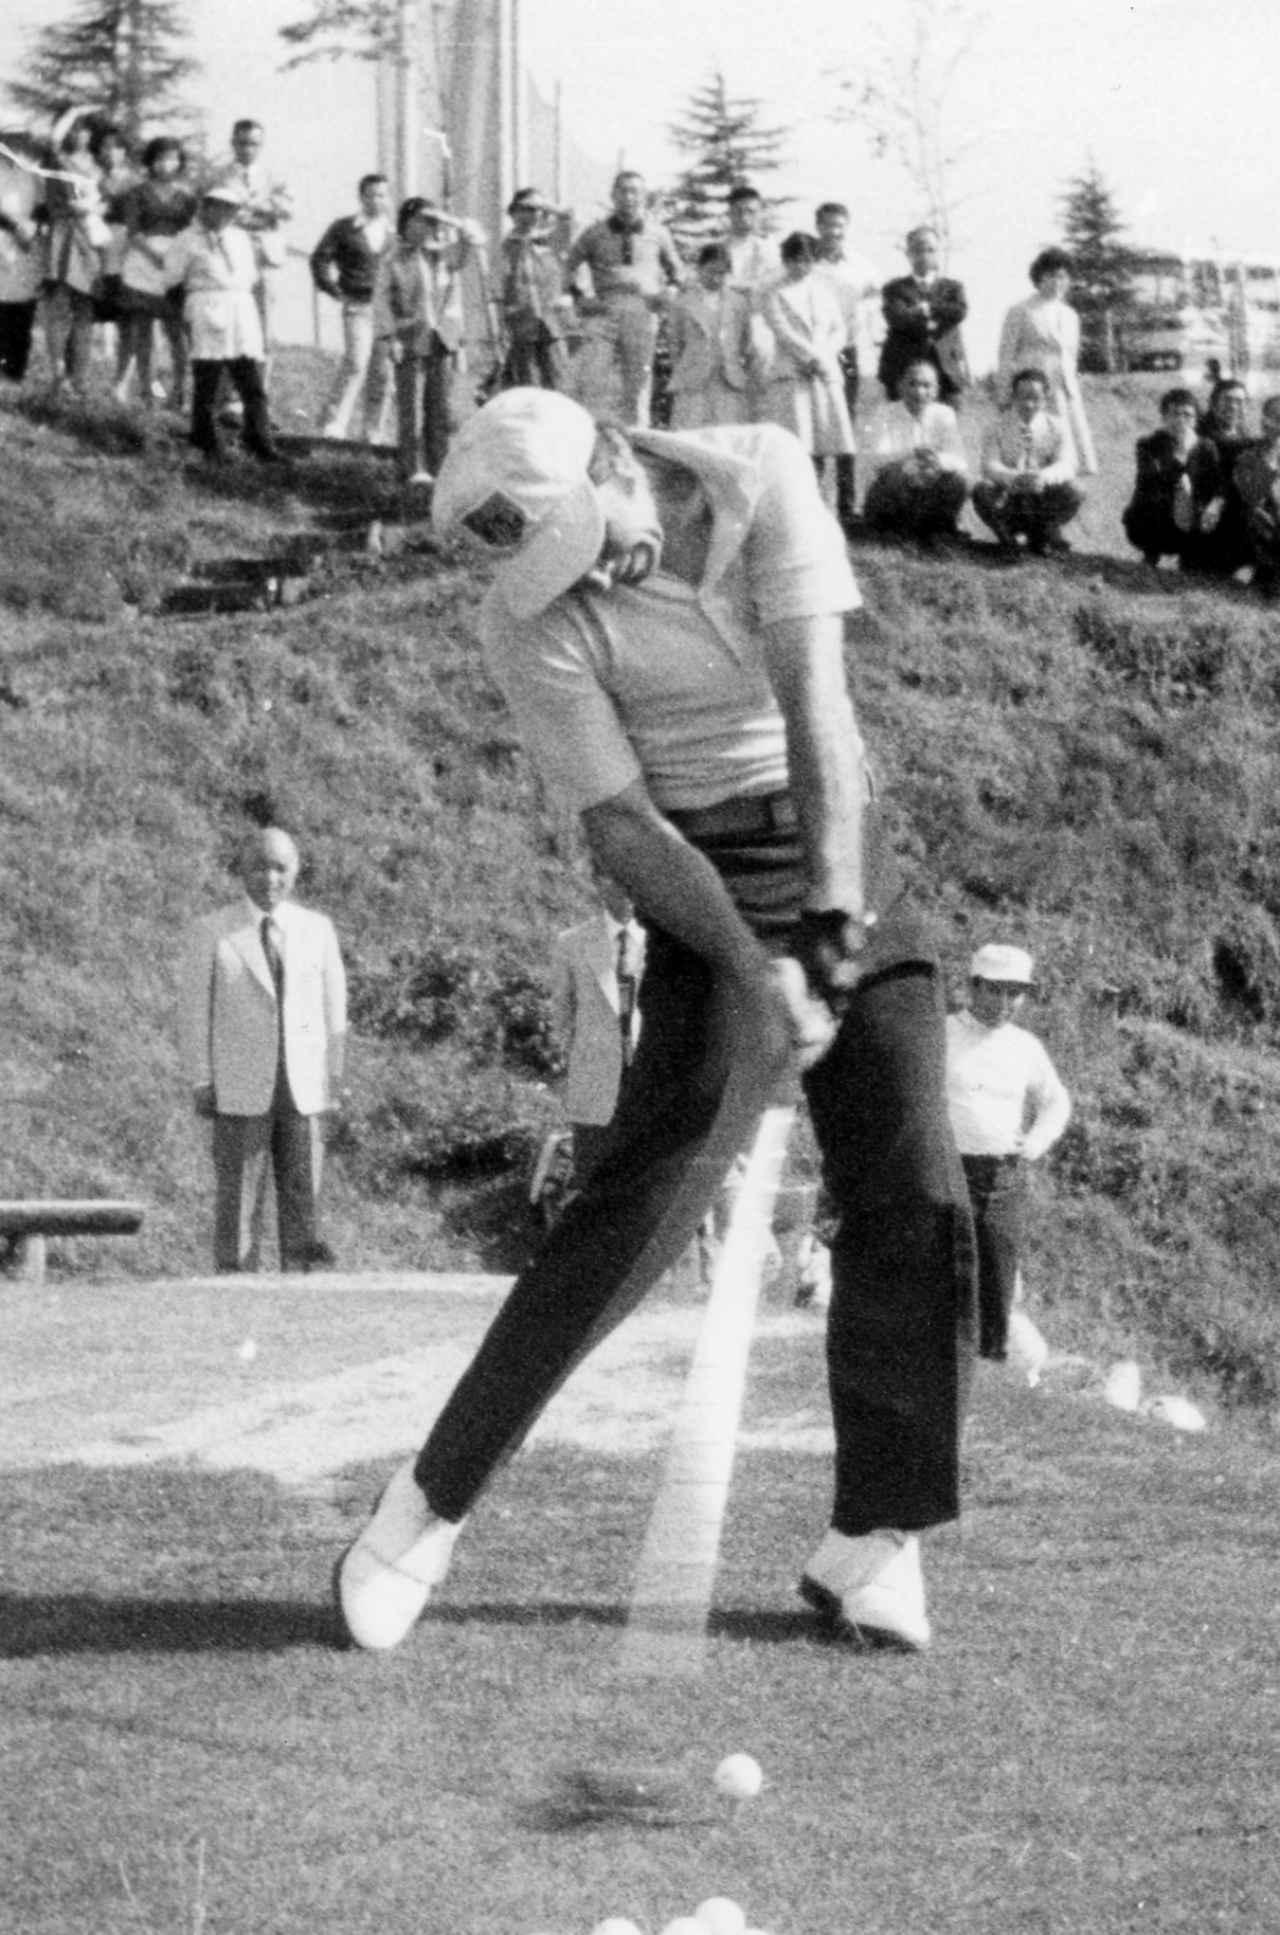 画像5: 【南アのゴルフ遺伝子Vol.2】ゲーリー・プレーヤーに学ぶこと